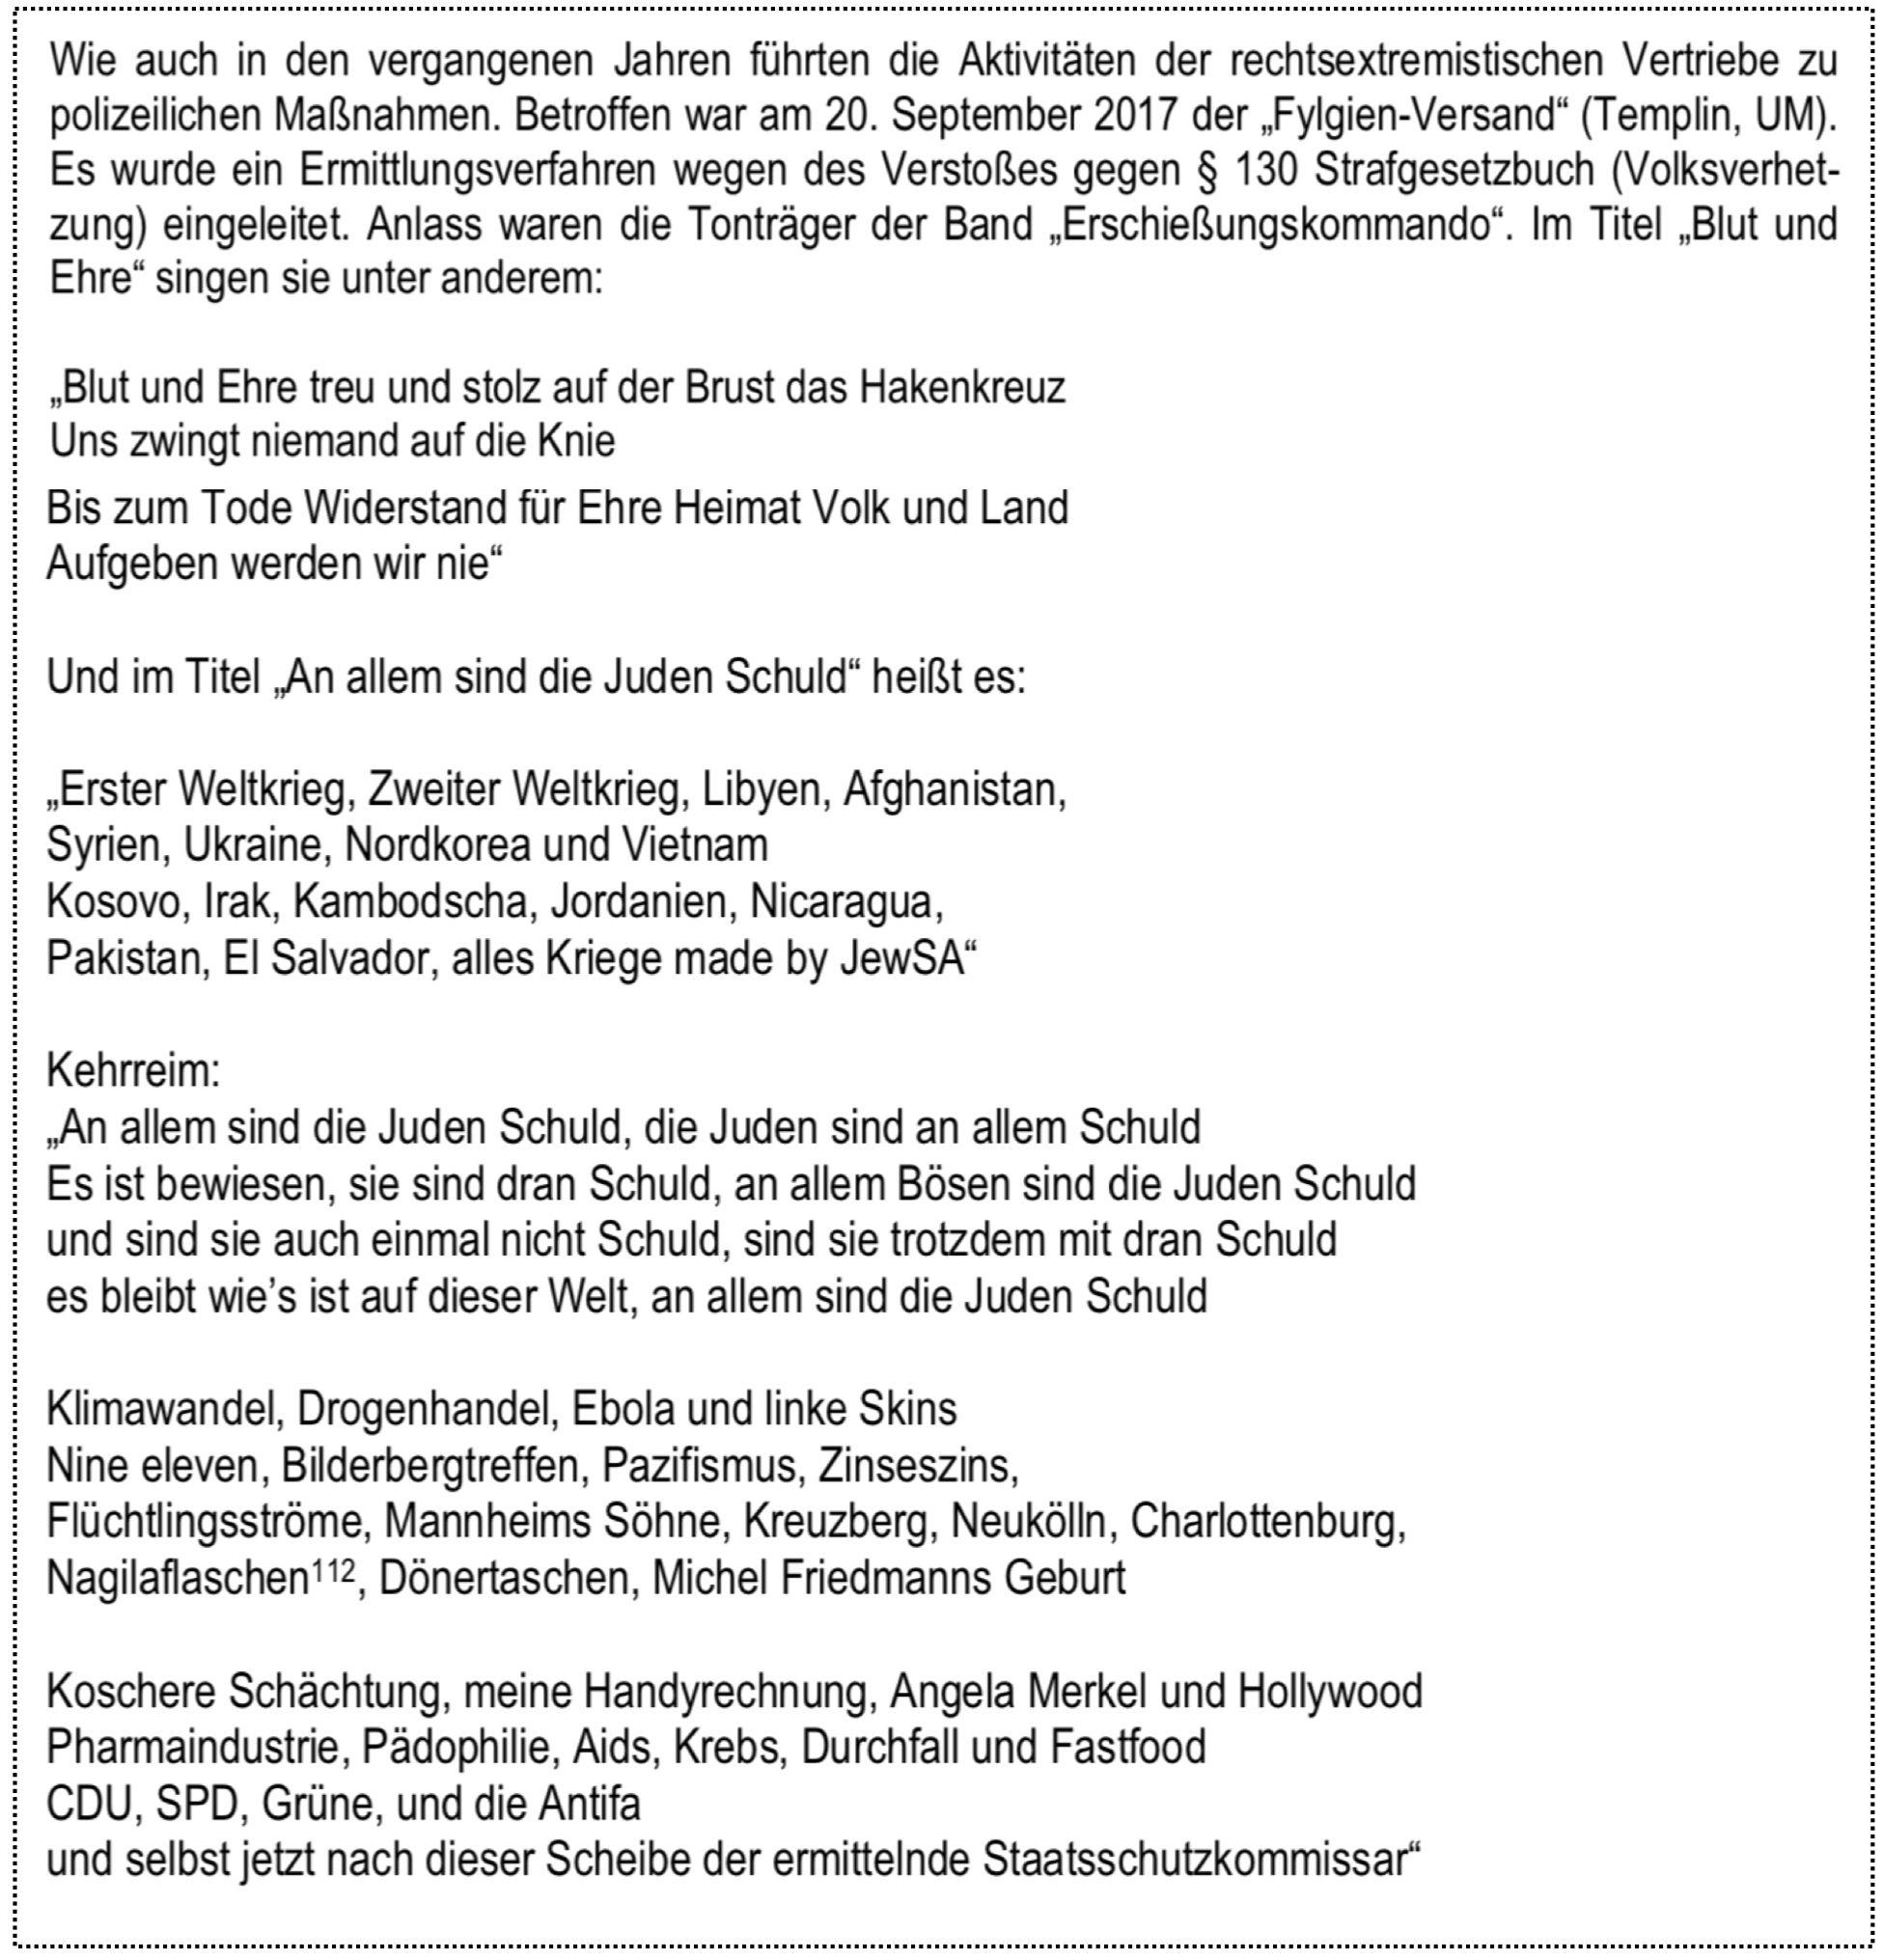 Aus dem Verfassungsschutzbericht Brandenburg zu Fylgien (https://verfassungsschutz.brandenburg.de/cms/detail.php/bb1.c.602314.de): Es wurde ein Ermittlungsverfahren wegen Volksverhetzung eingeleitet